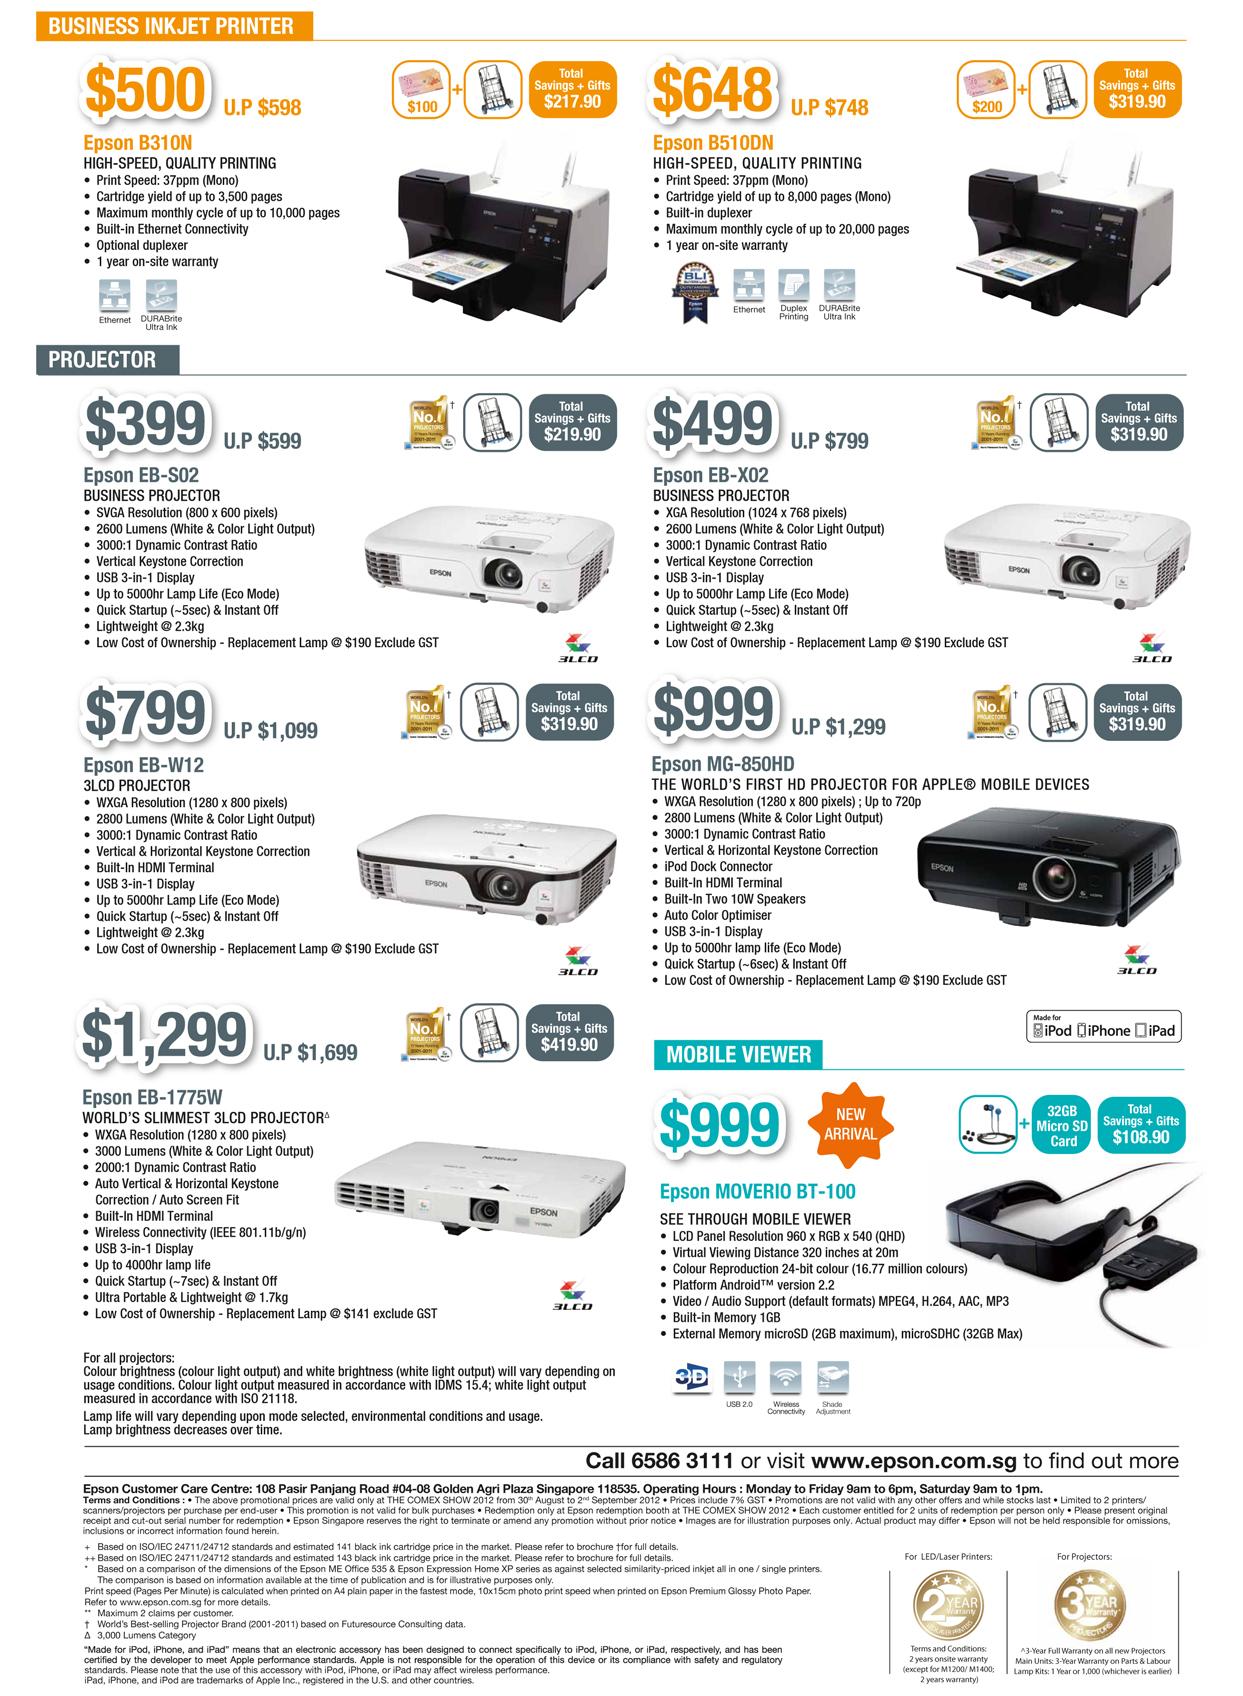 EPSON COMEX 2012 Price List 6